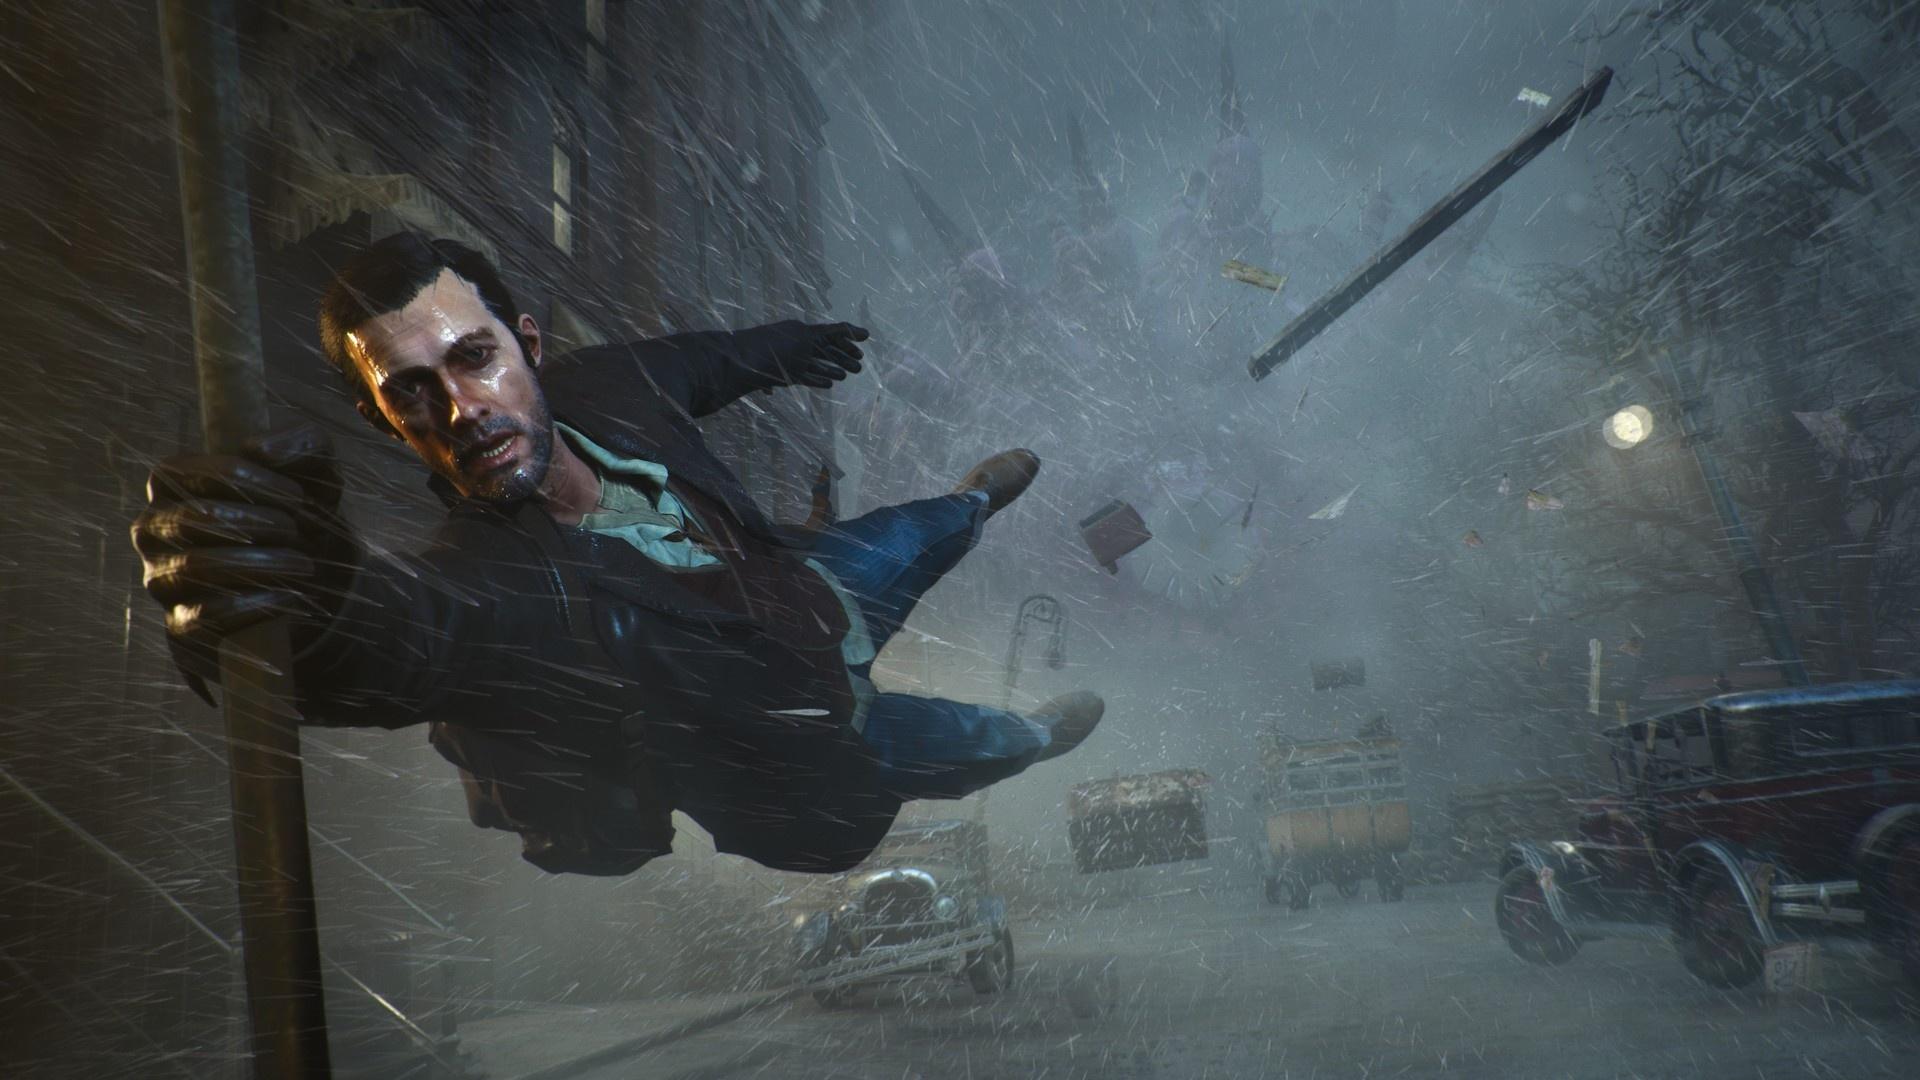 В сети появился первый час геймплея The Sinking City